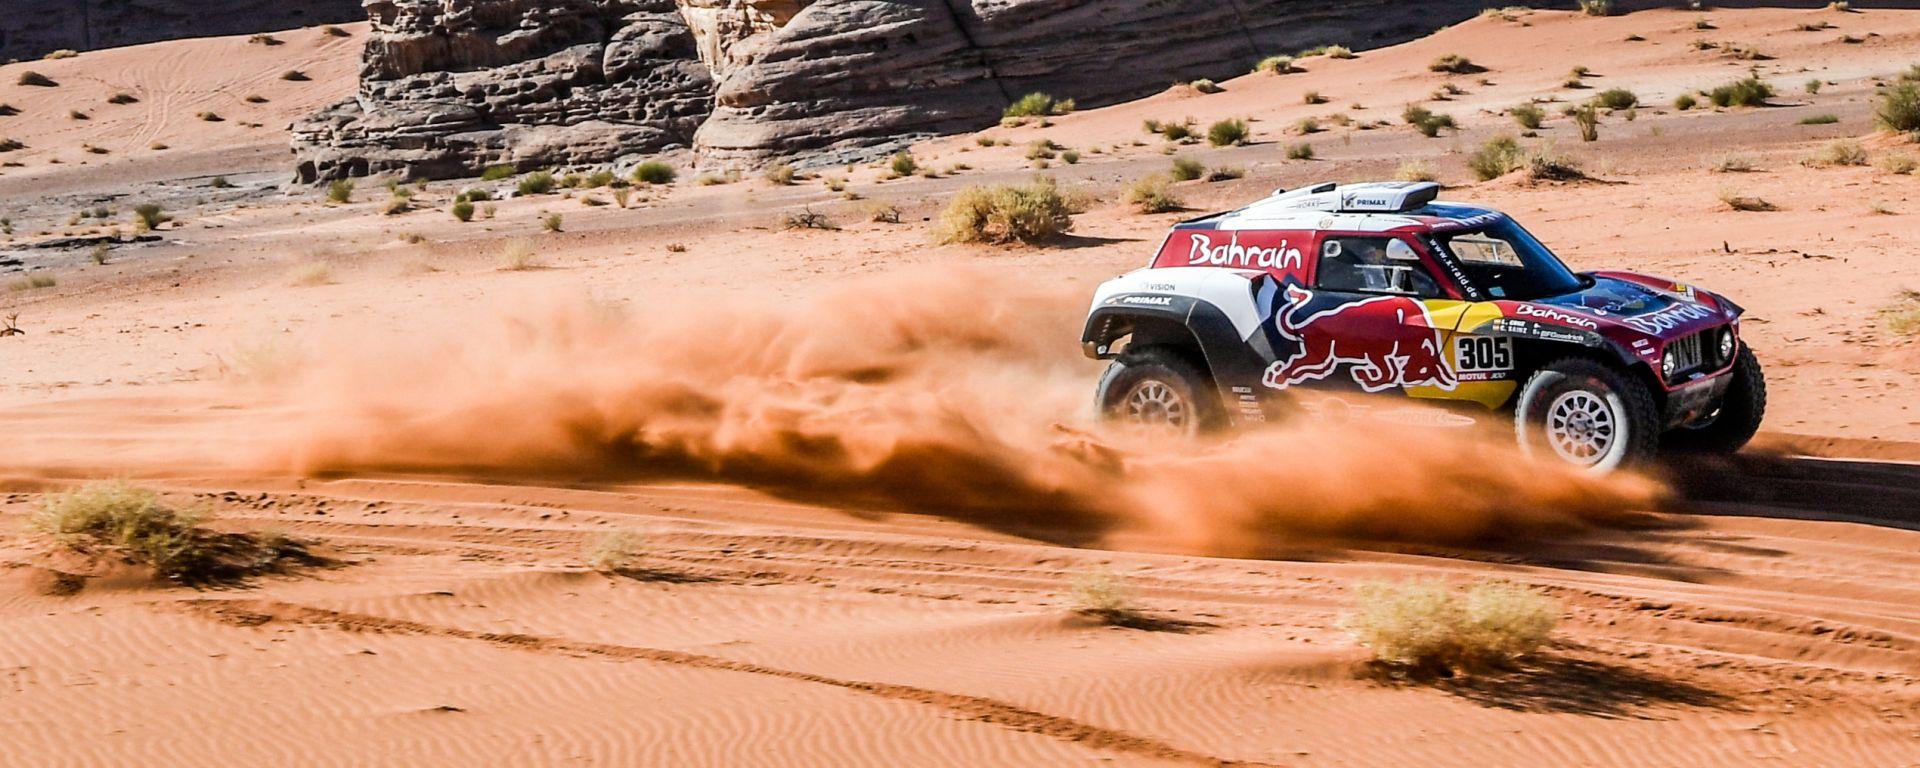 Rally Dakar 2020, tappa 3: Carlos Sainz (Mini) vince e si porta al comando della generale [Foto: ASO]